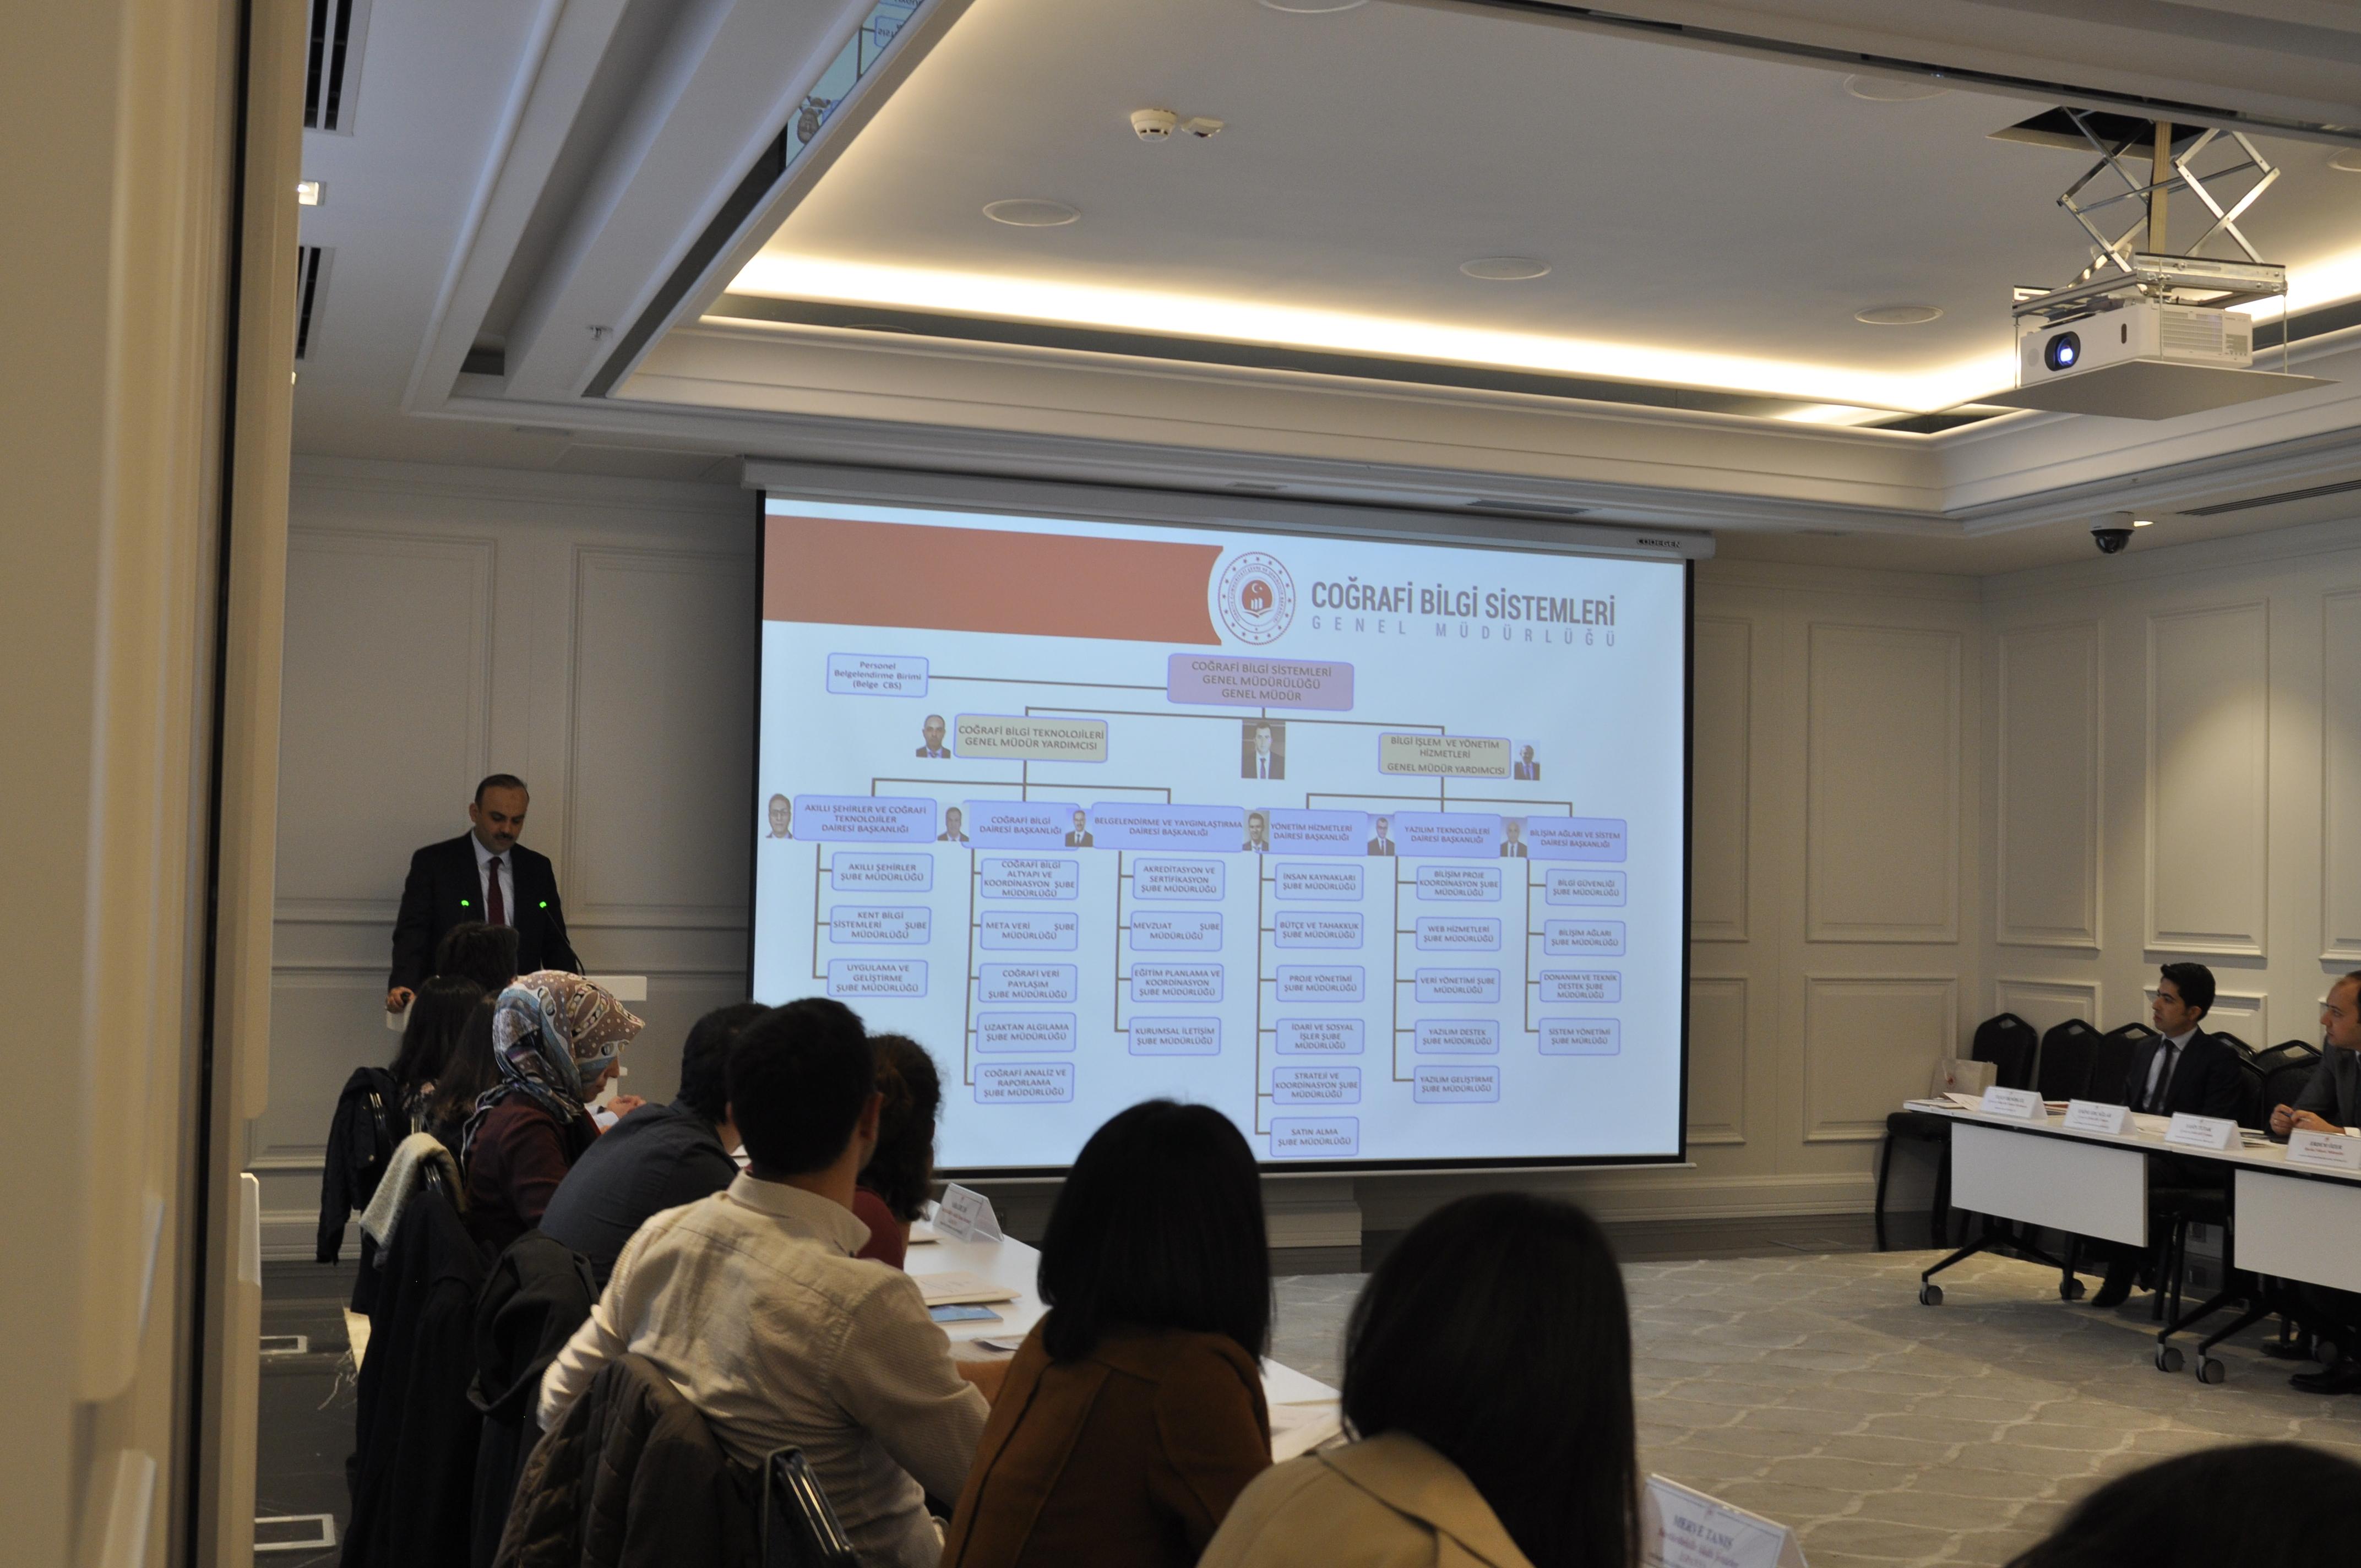 Yurtdışına Lisansüstü Eğitim Görmek Üzere Gönderilecek Öğrencileri Seçme ve Yerleştirme (YLSY) Programı Bursiyerlerine Bilgilendirme Toplantısı.